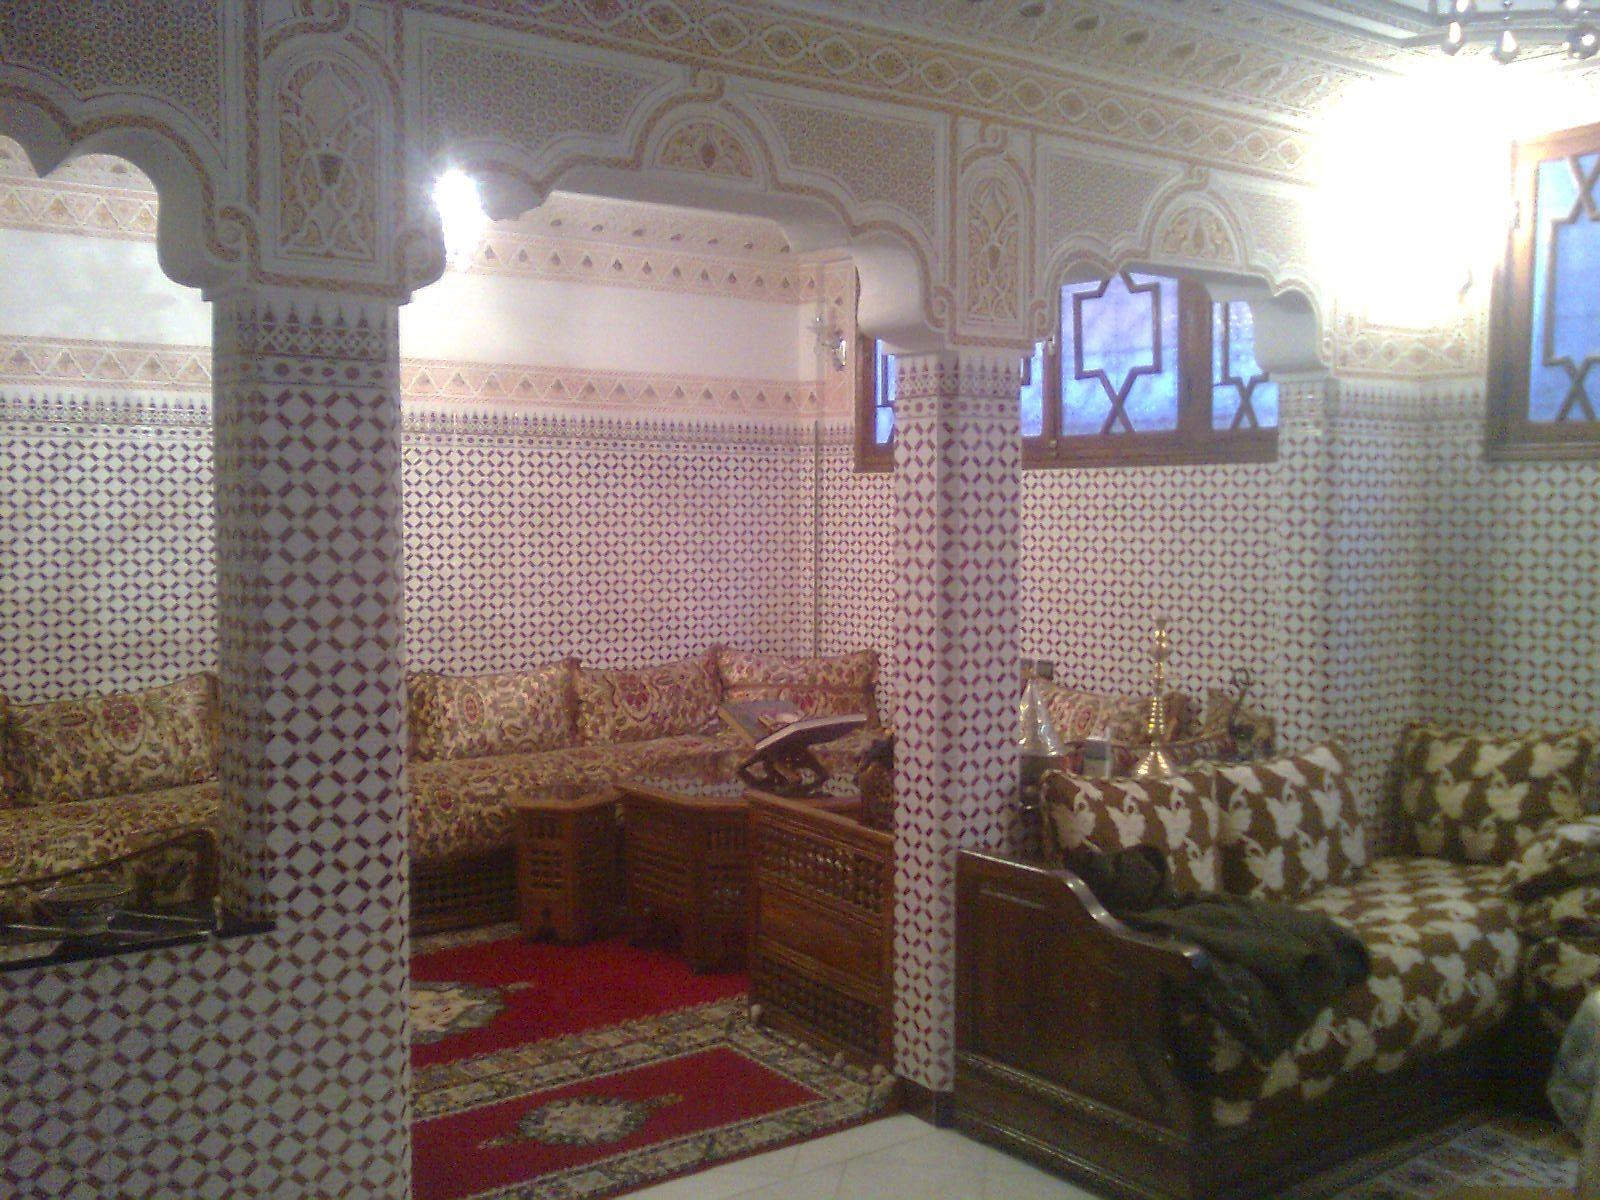 vente maison marrakech maroc medina particulier maison vendre marrakech pas cher. Black Bedroom Furniture Sets. Home Design Ideas